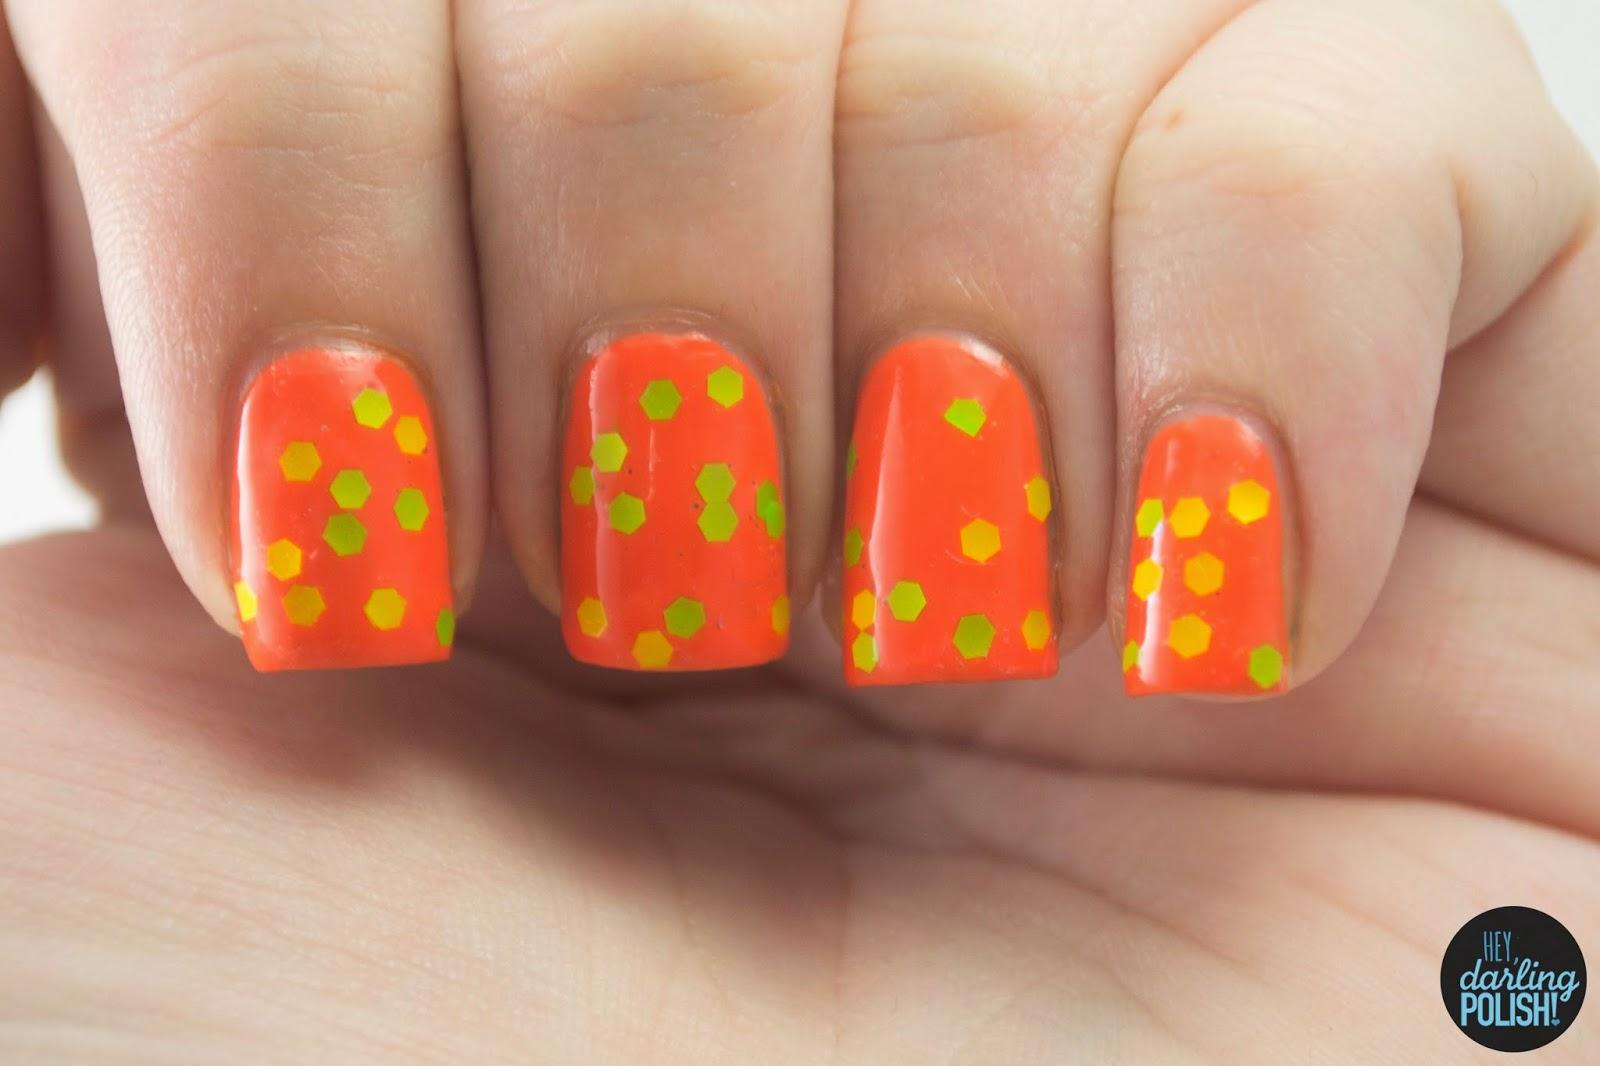 nails, nail art, nail polish, glitter, orange, shirley ann nail lacquer, mile long margarita, neon, hey darling polish